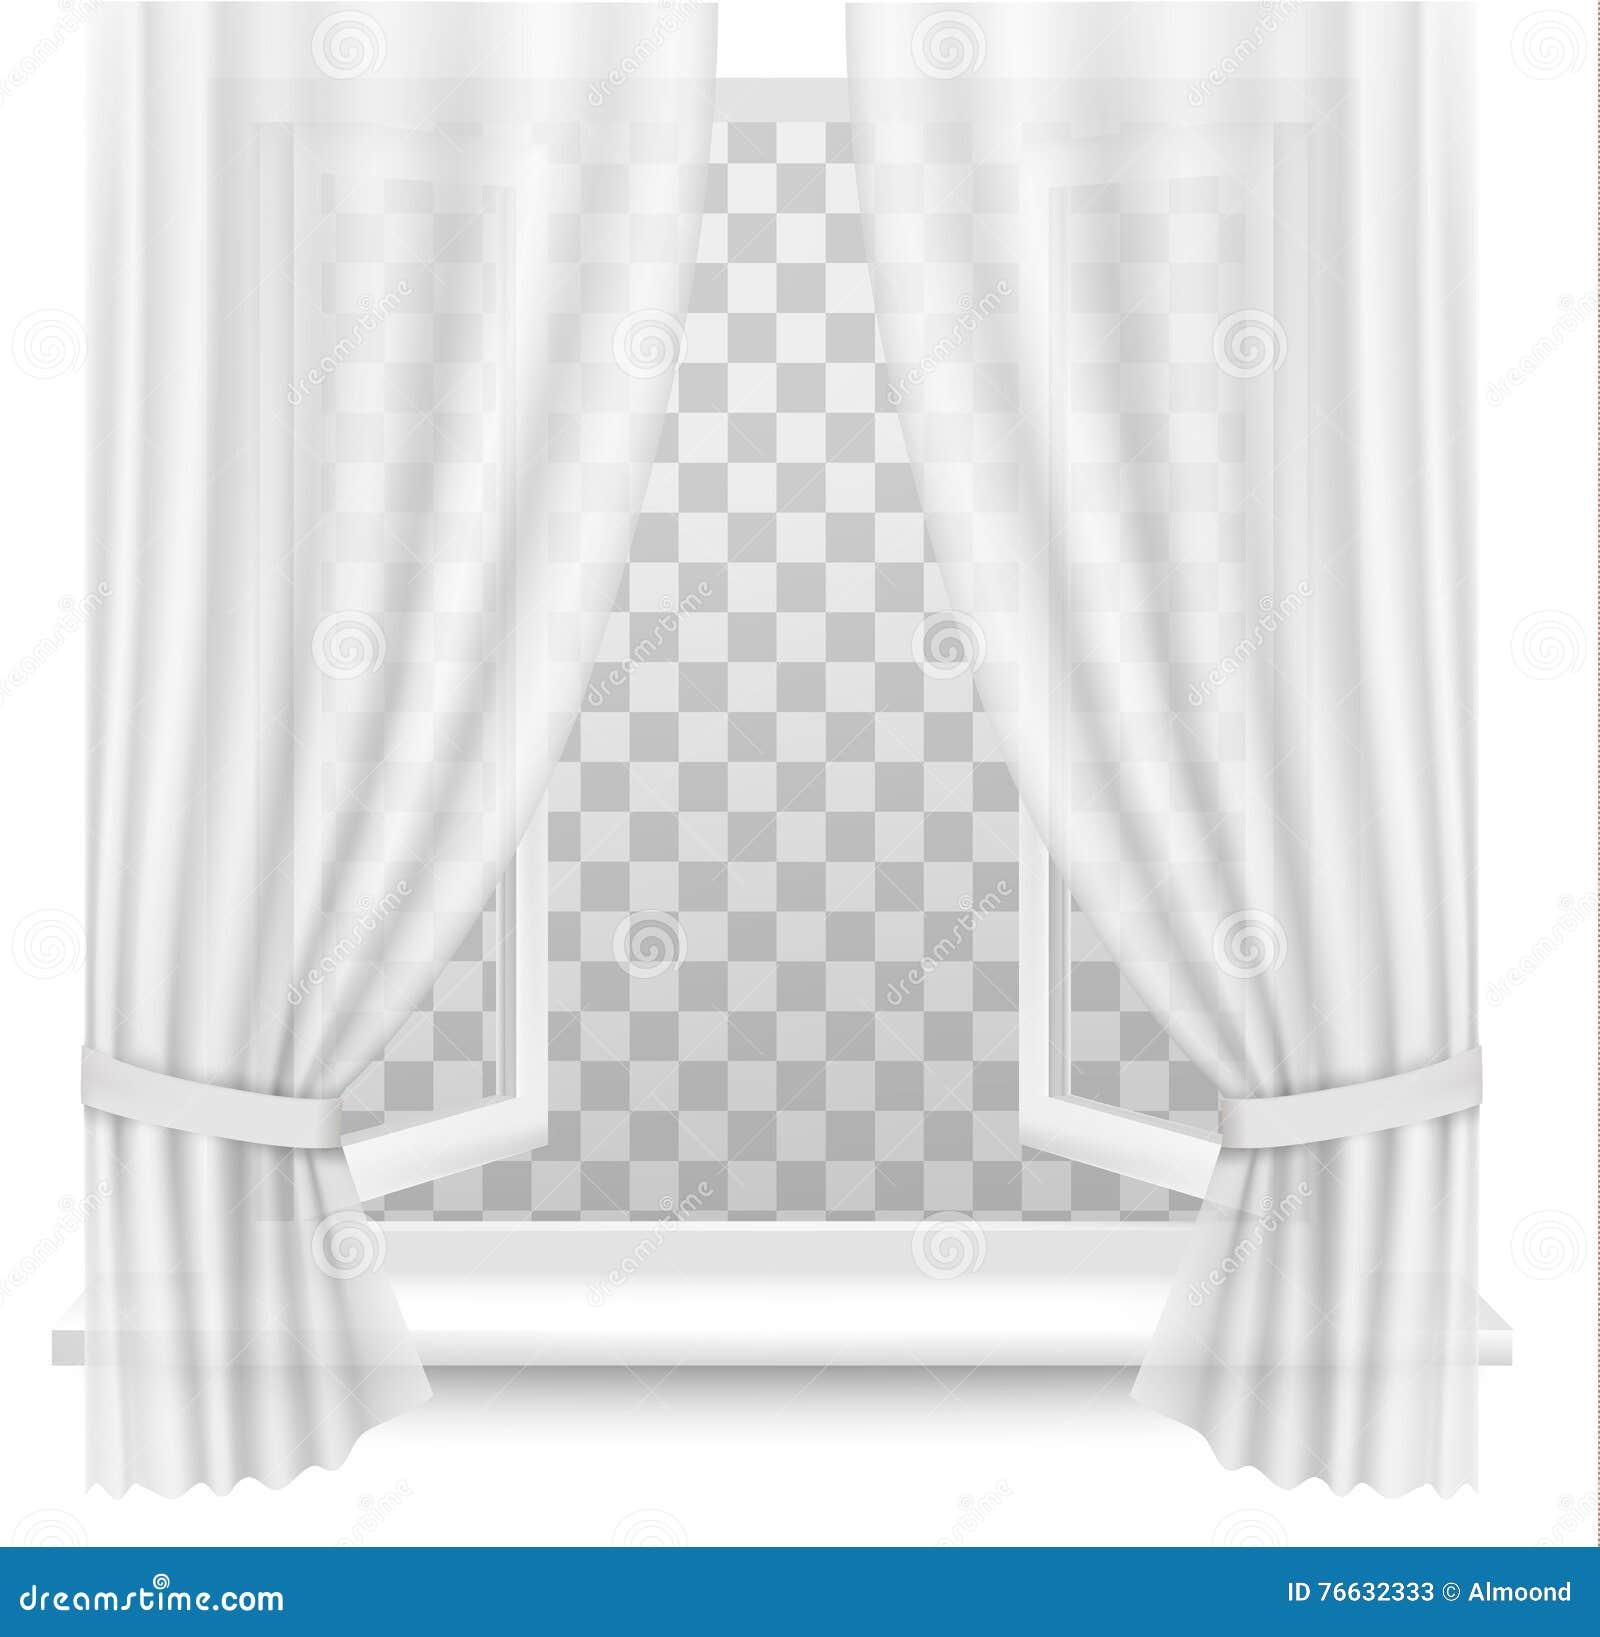 Offenes fenster gezeichnet  Offenes Fenster Mit Vorhängen Auf Einem Transparenten Hintergrund ...